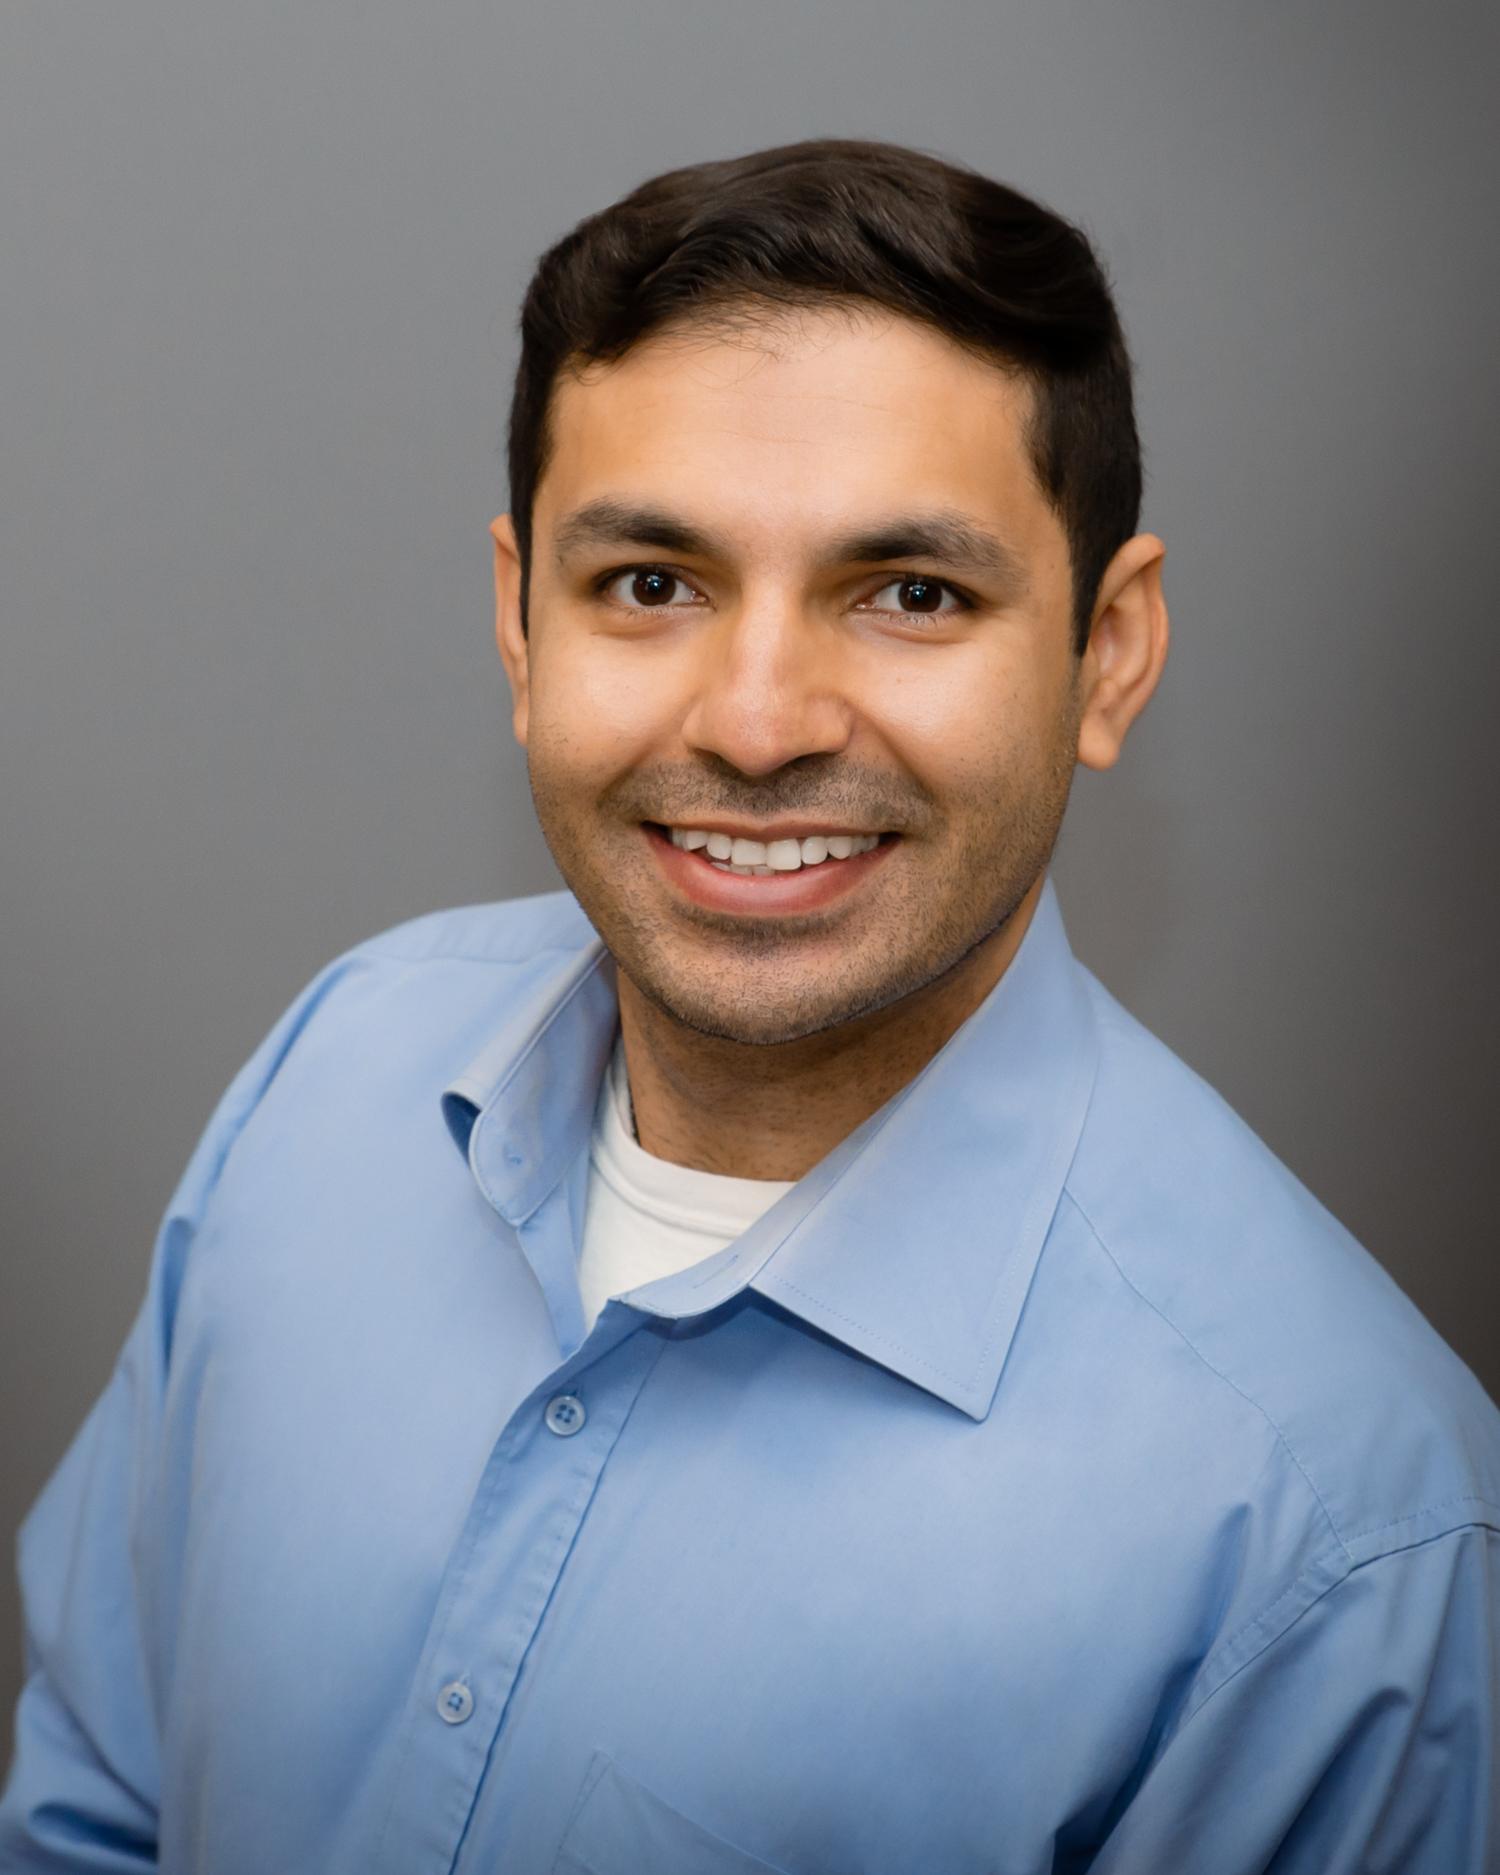 Shahzaib Anwar, MD